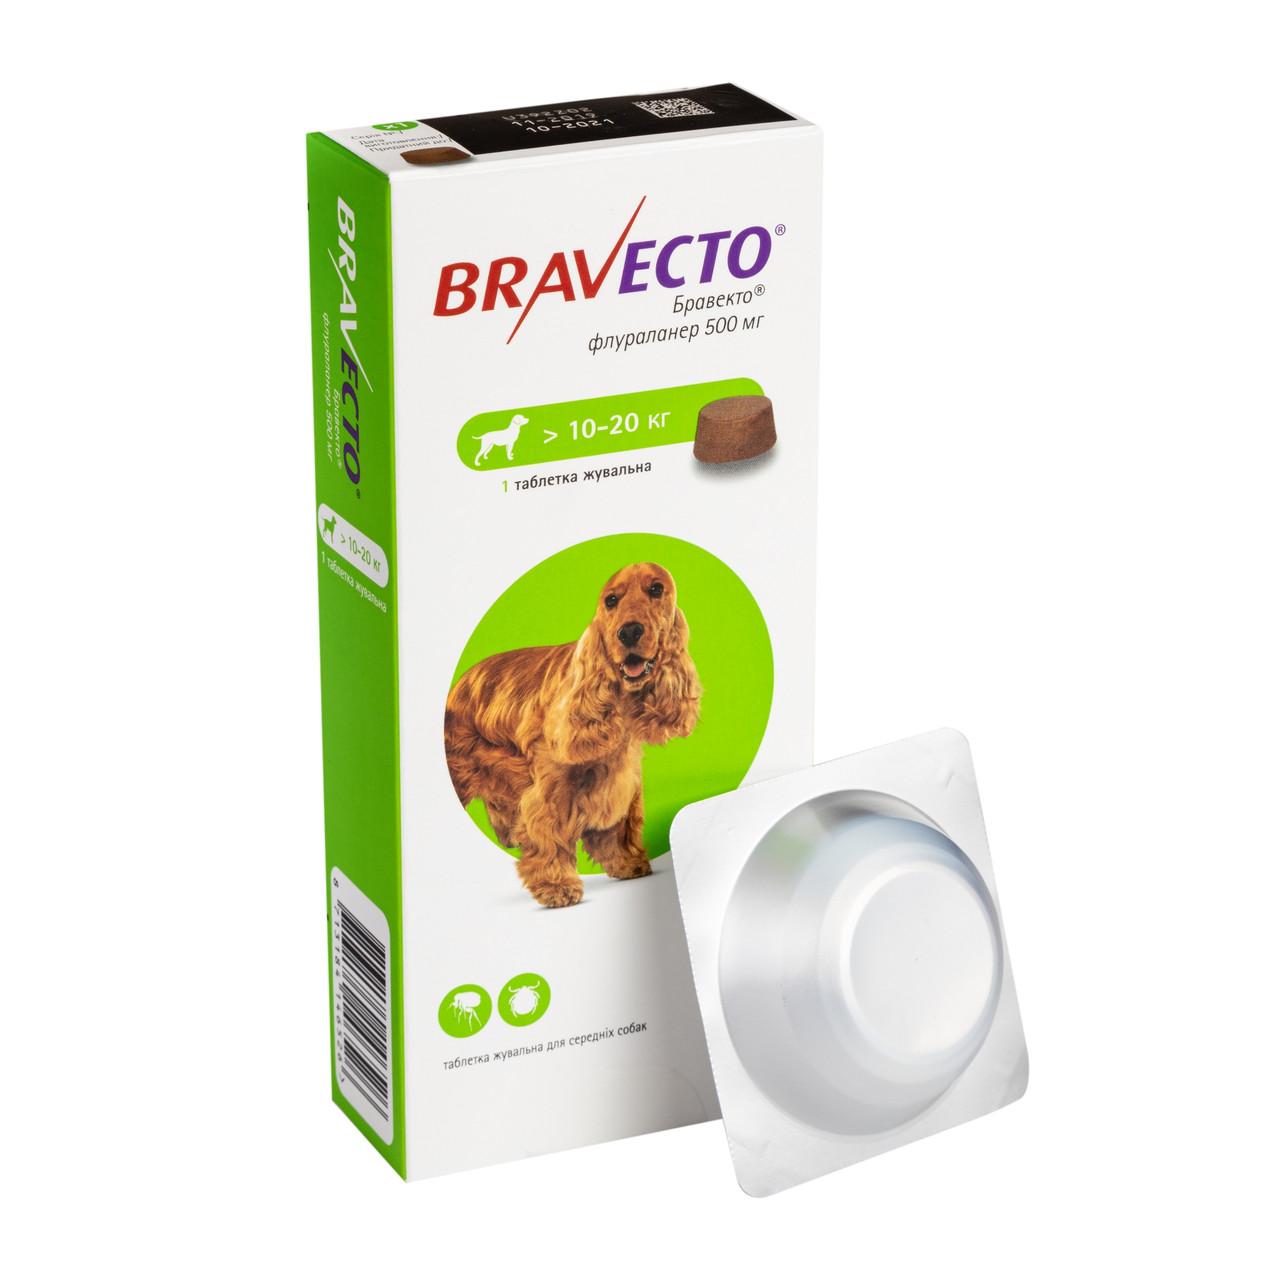 Бравекто  (Оригинал Нидерланды) 500,0 мг для собак вагою 10-20кг